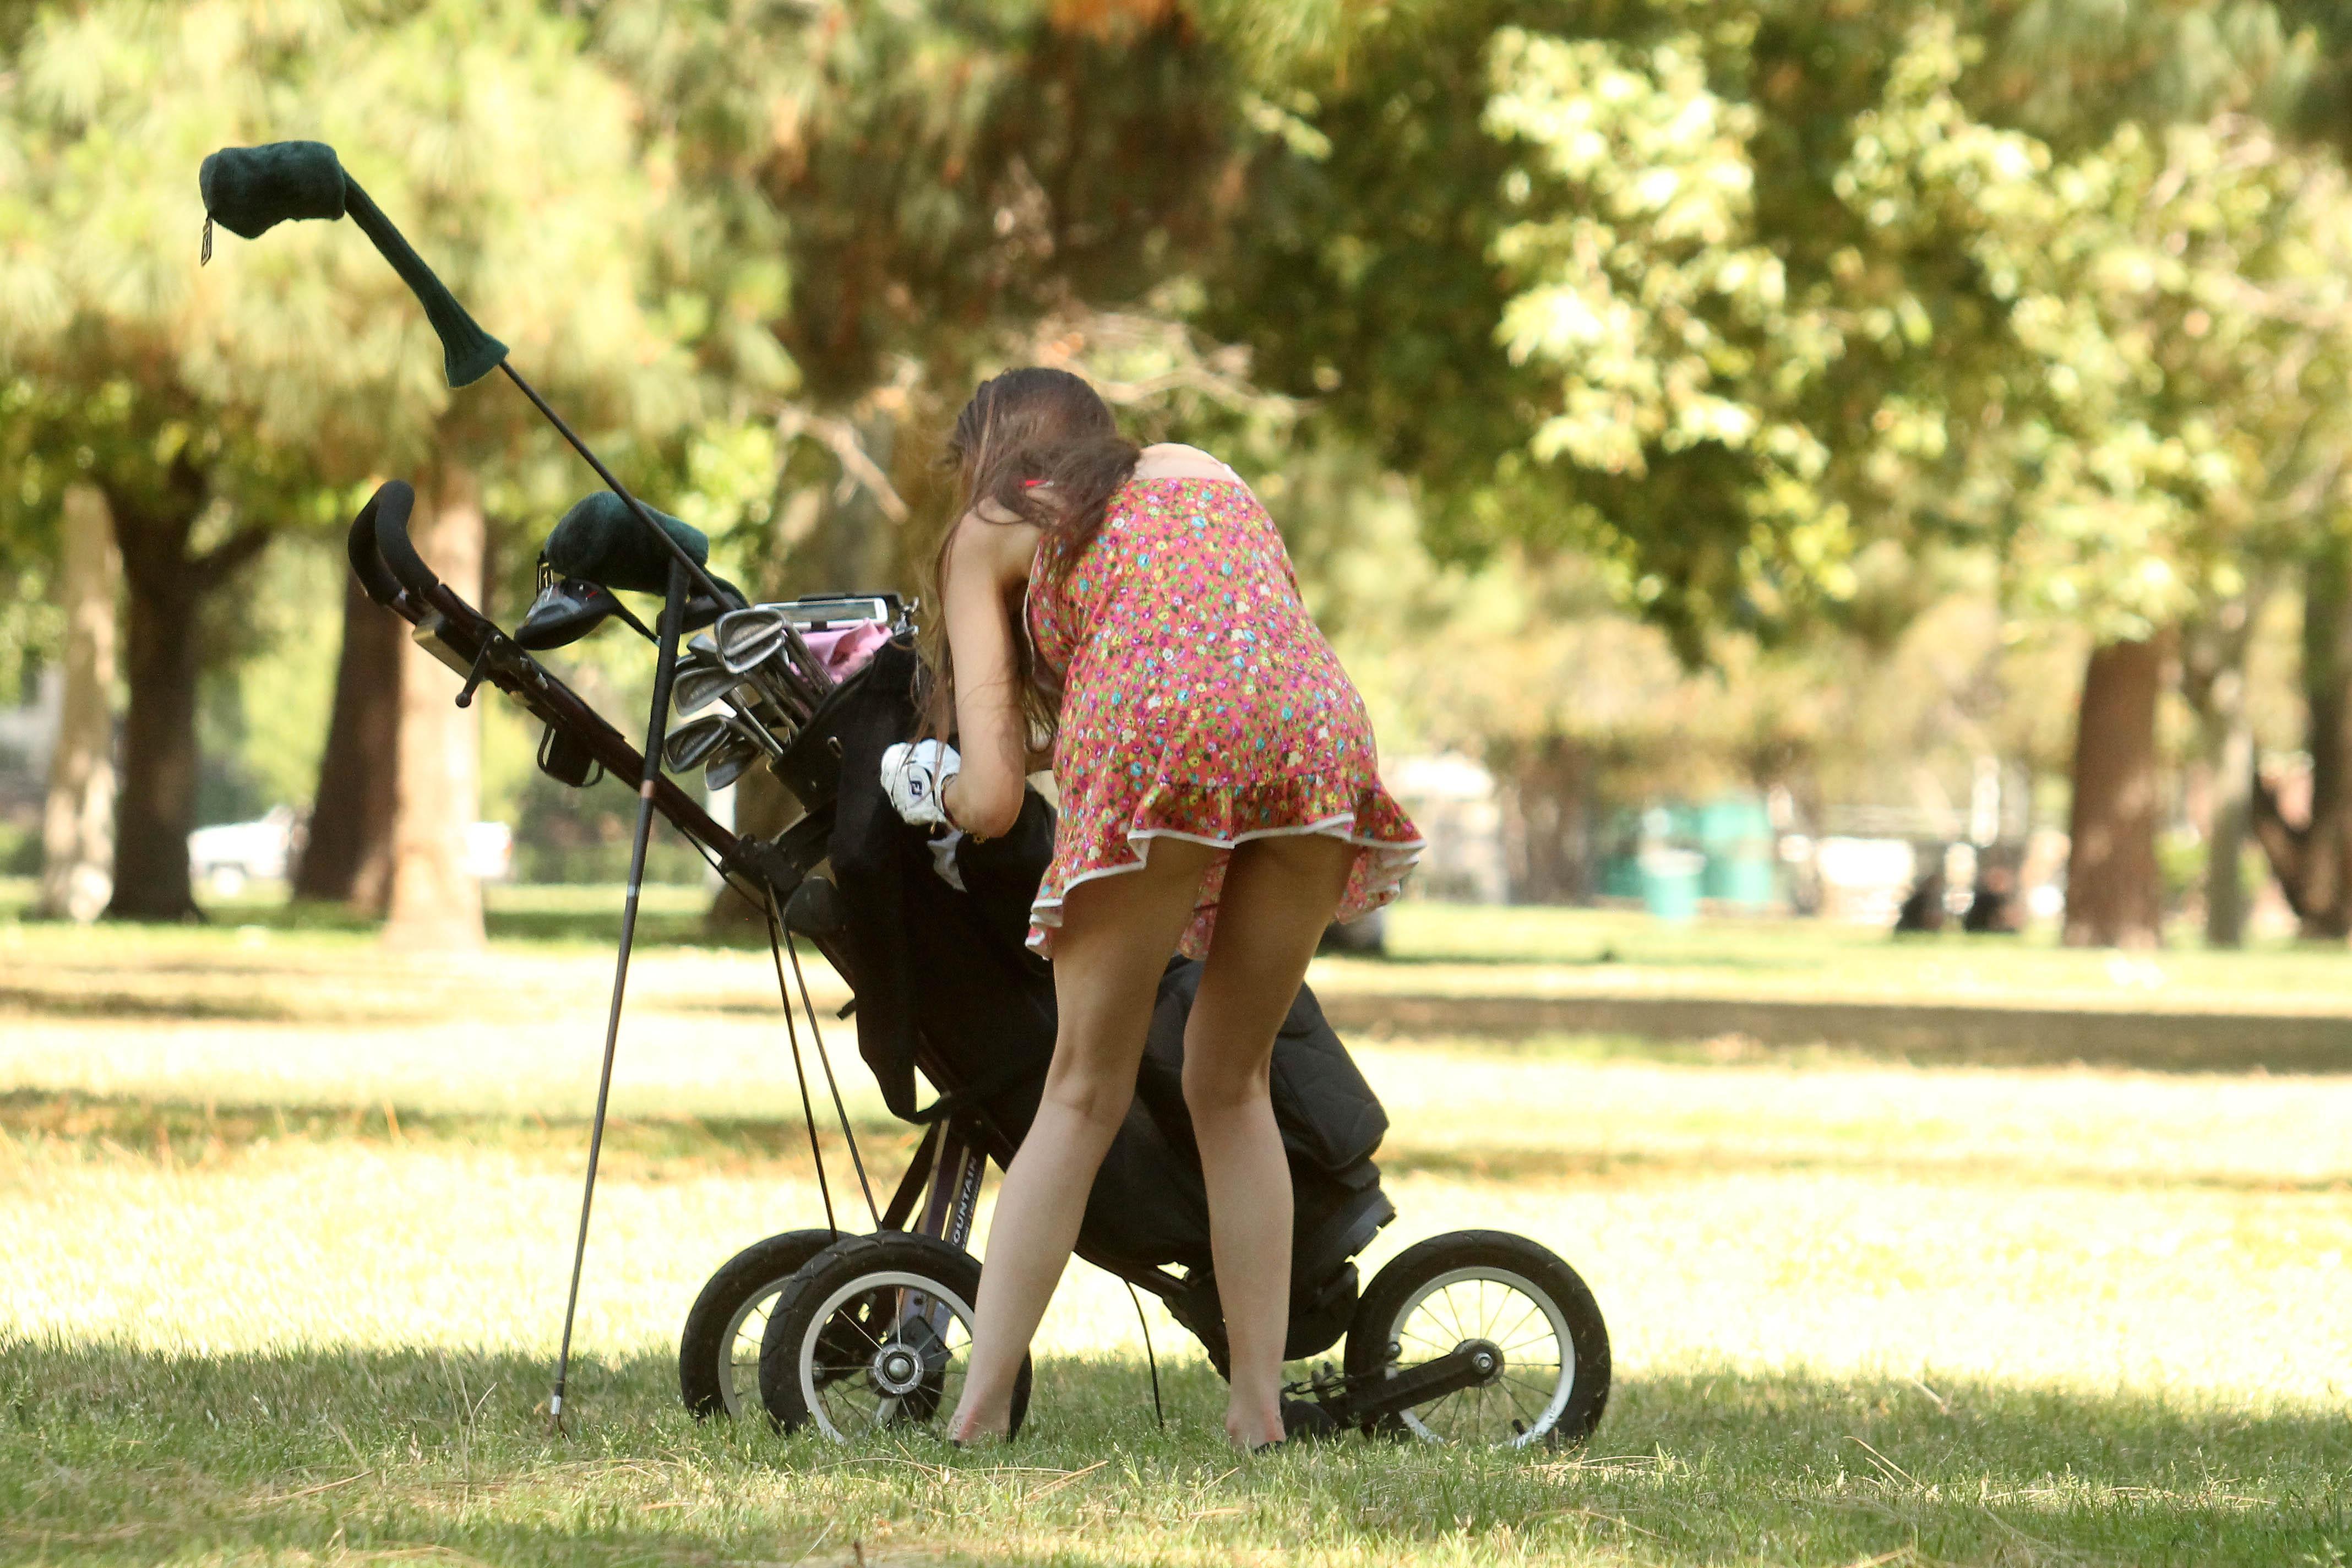 alicia-arden-ass-flash-pink-thong-panties-upskirt-golf-swing-22